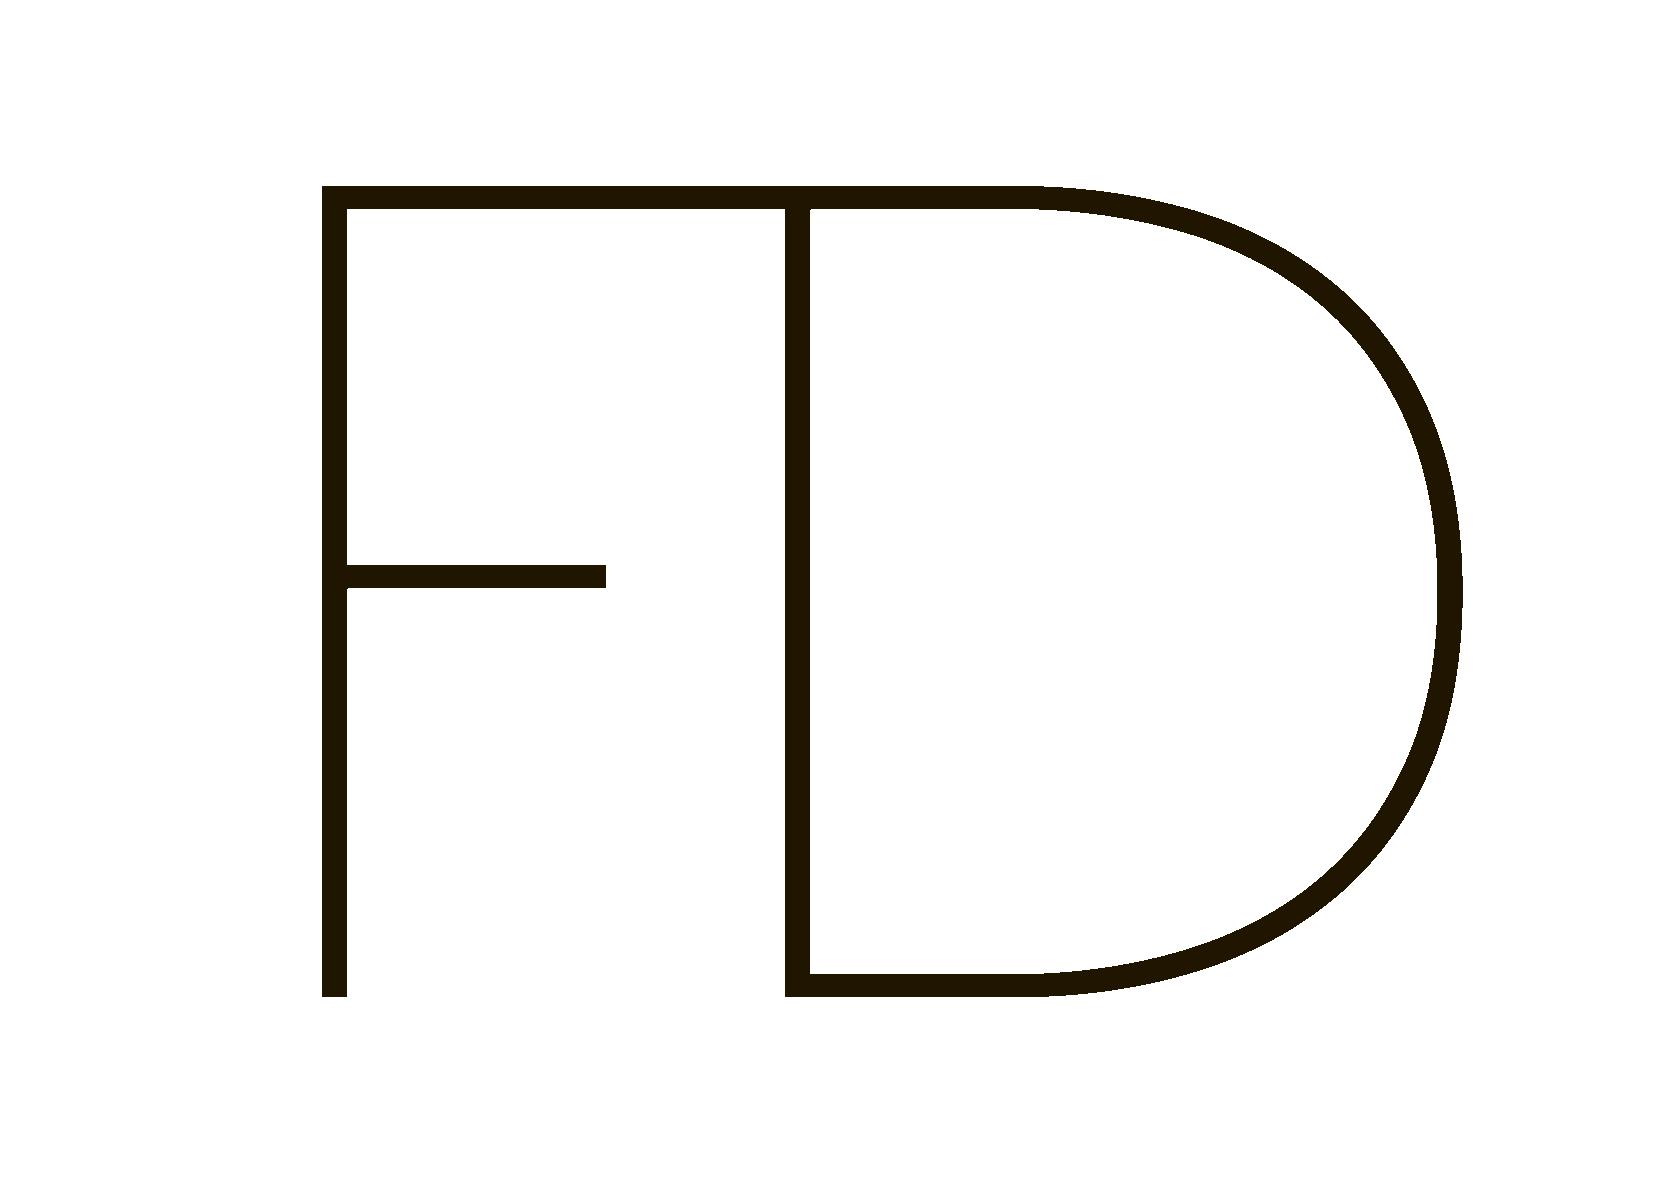 FLATS DESIGN